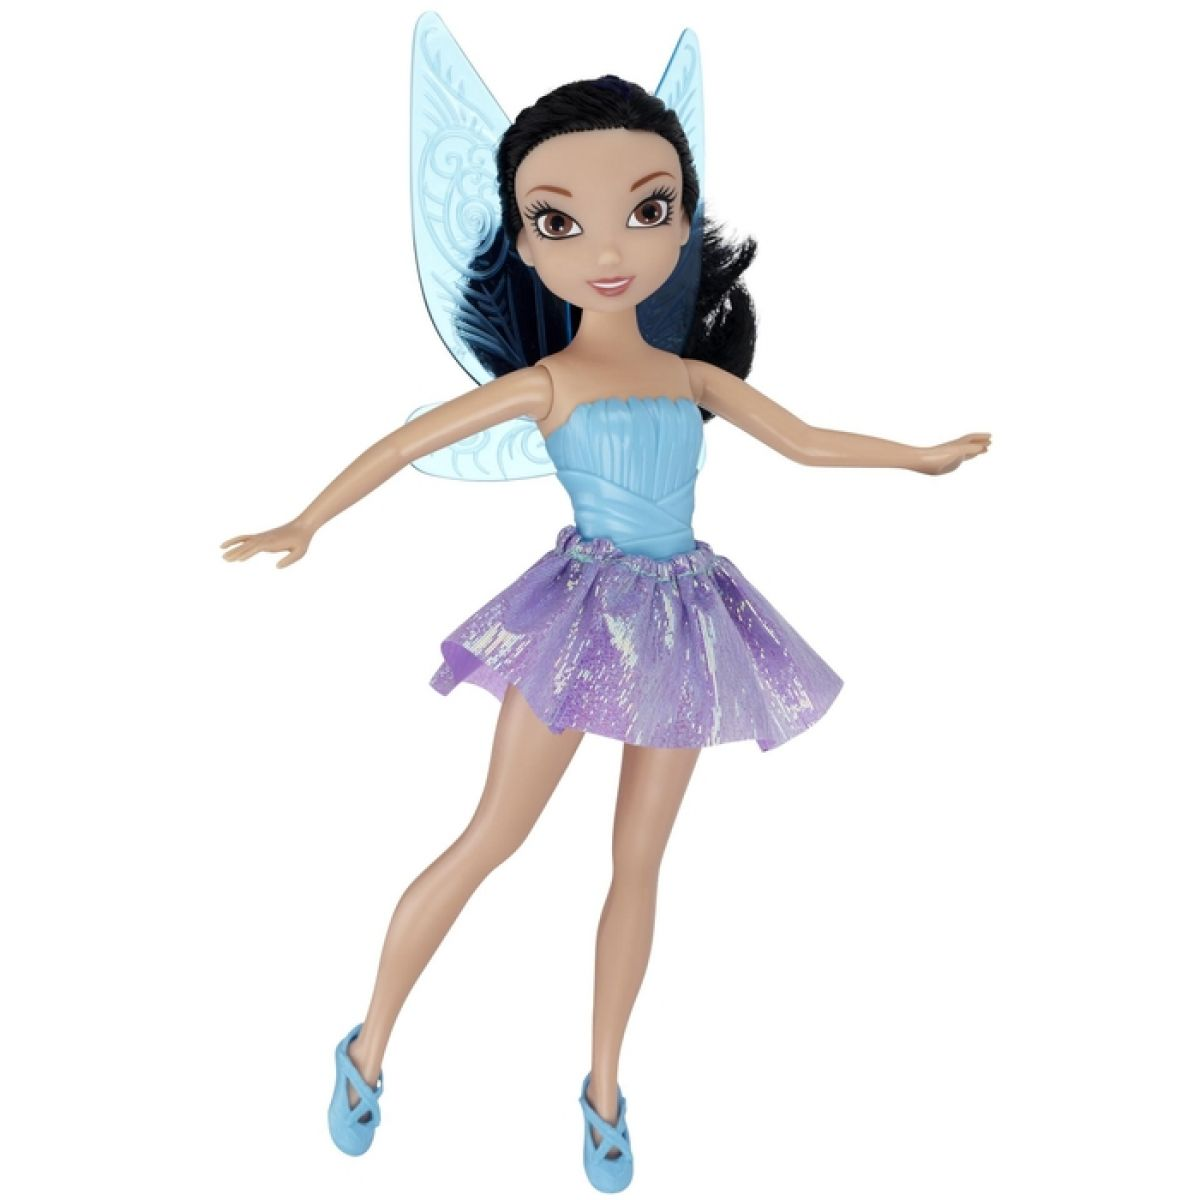 Disney Víly: 22 cm základní panenka baletka - Mlženka